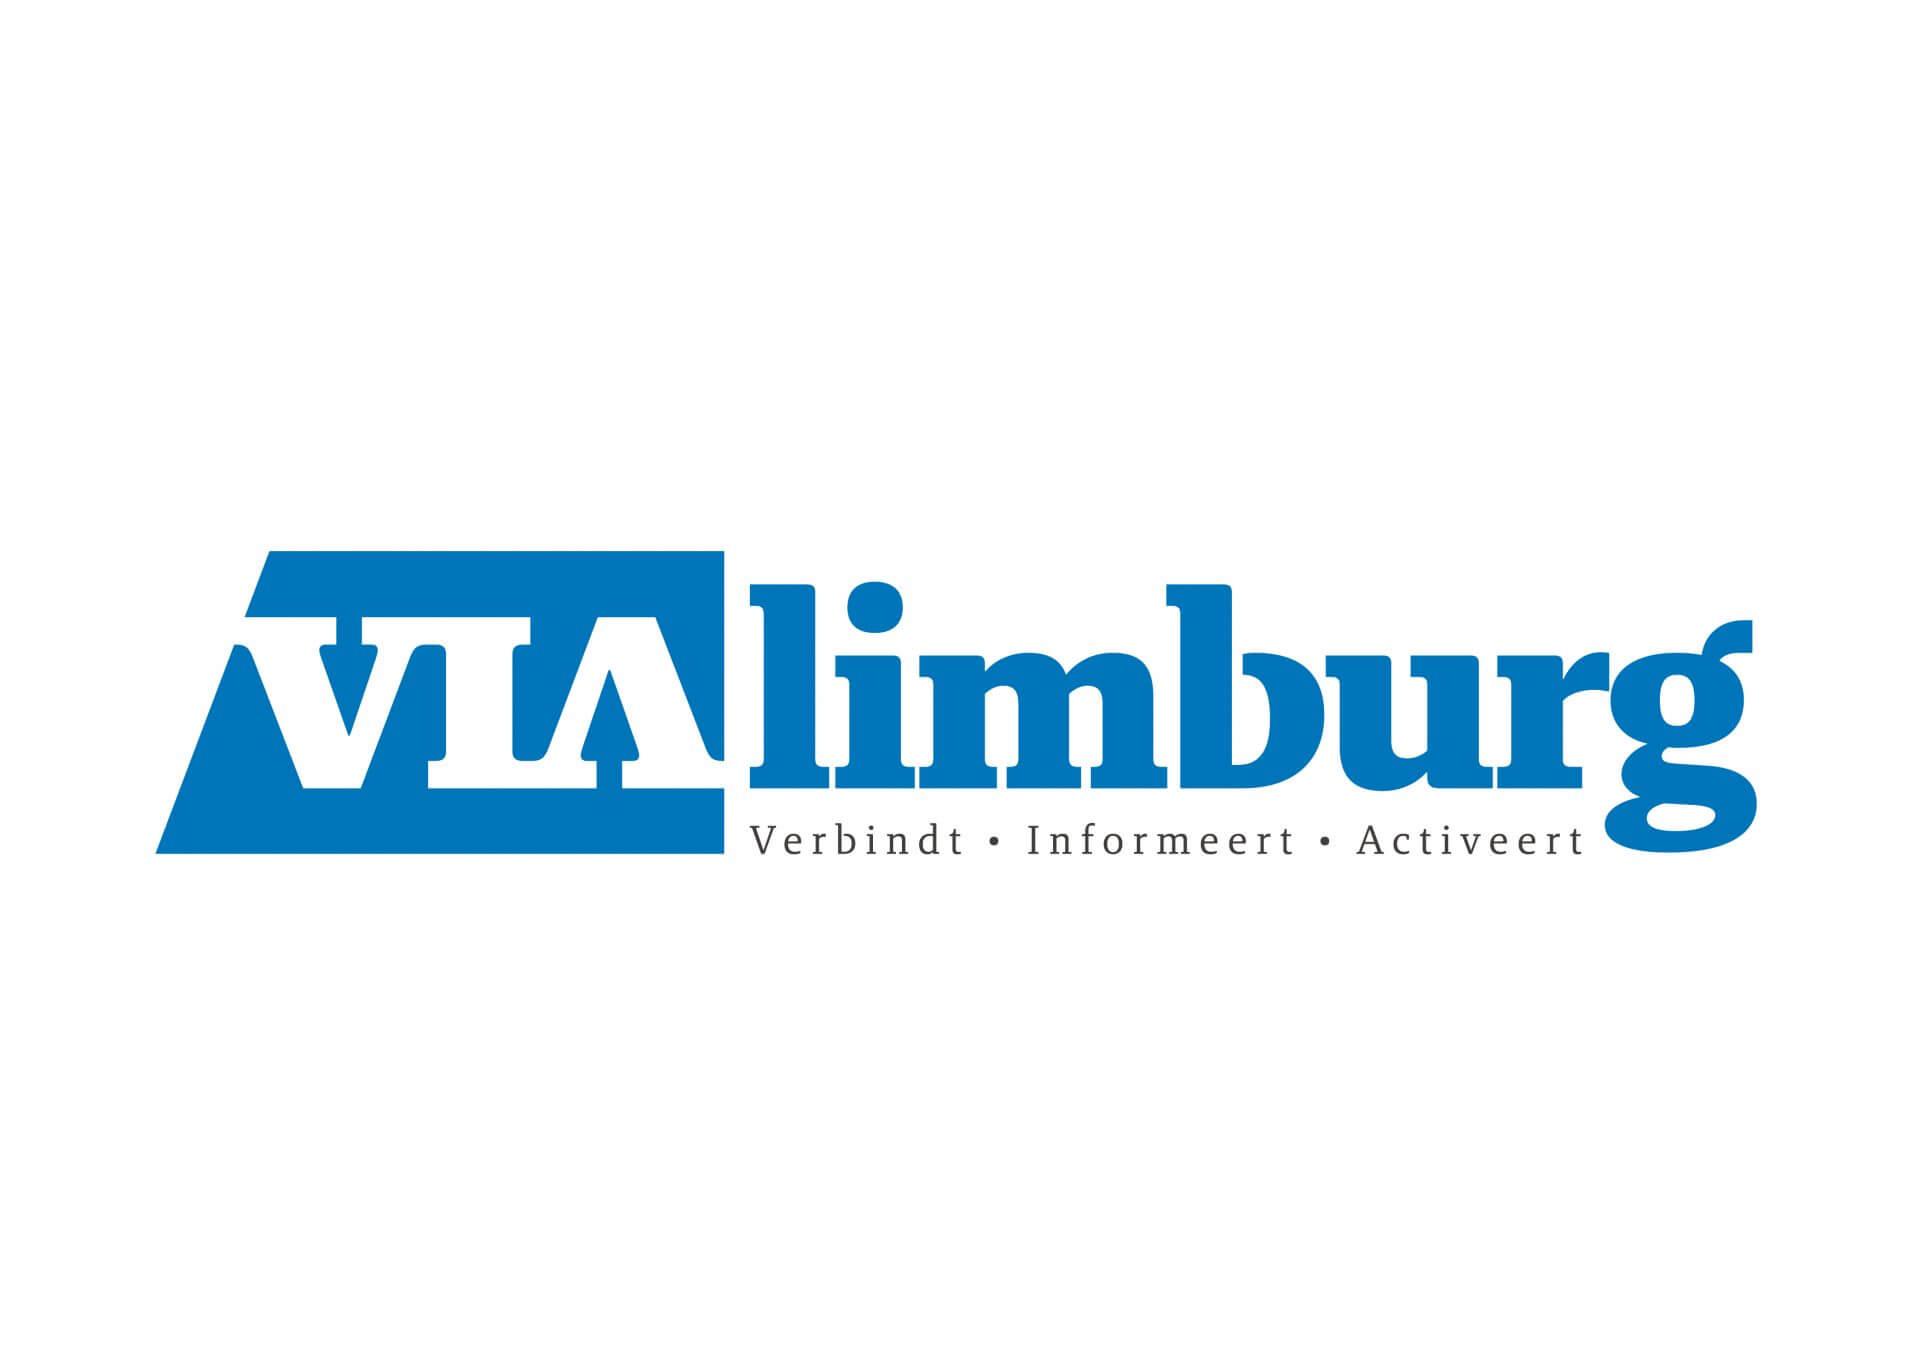 VIALimburg_cmyk